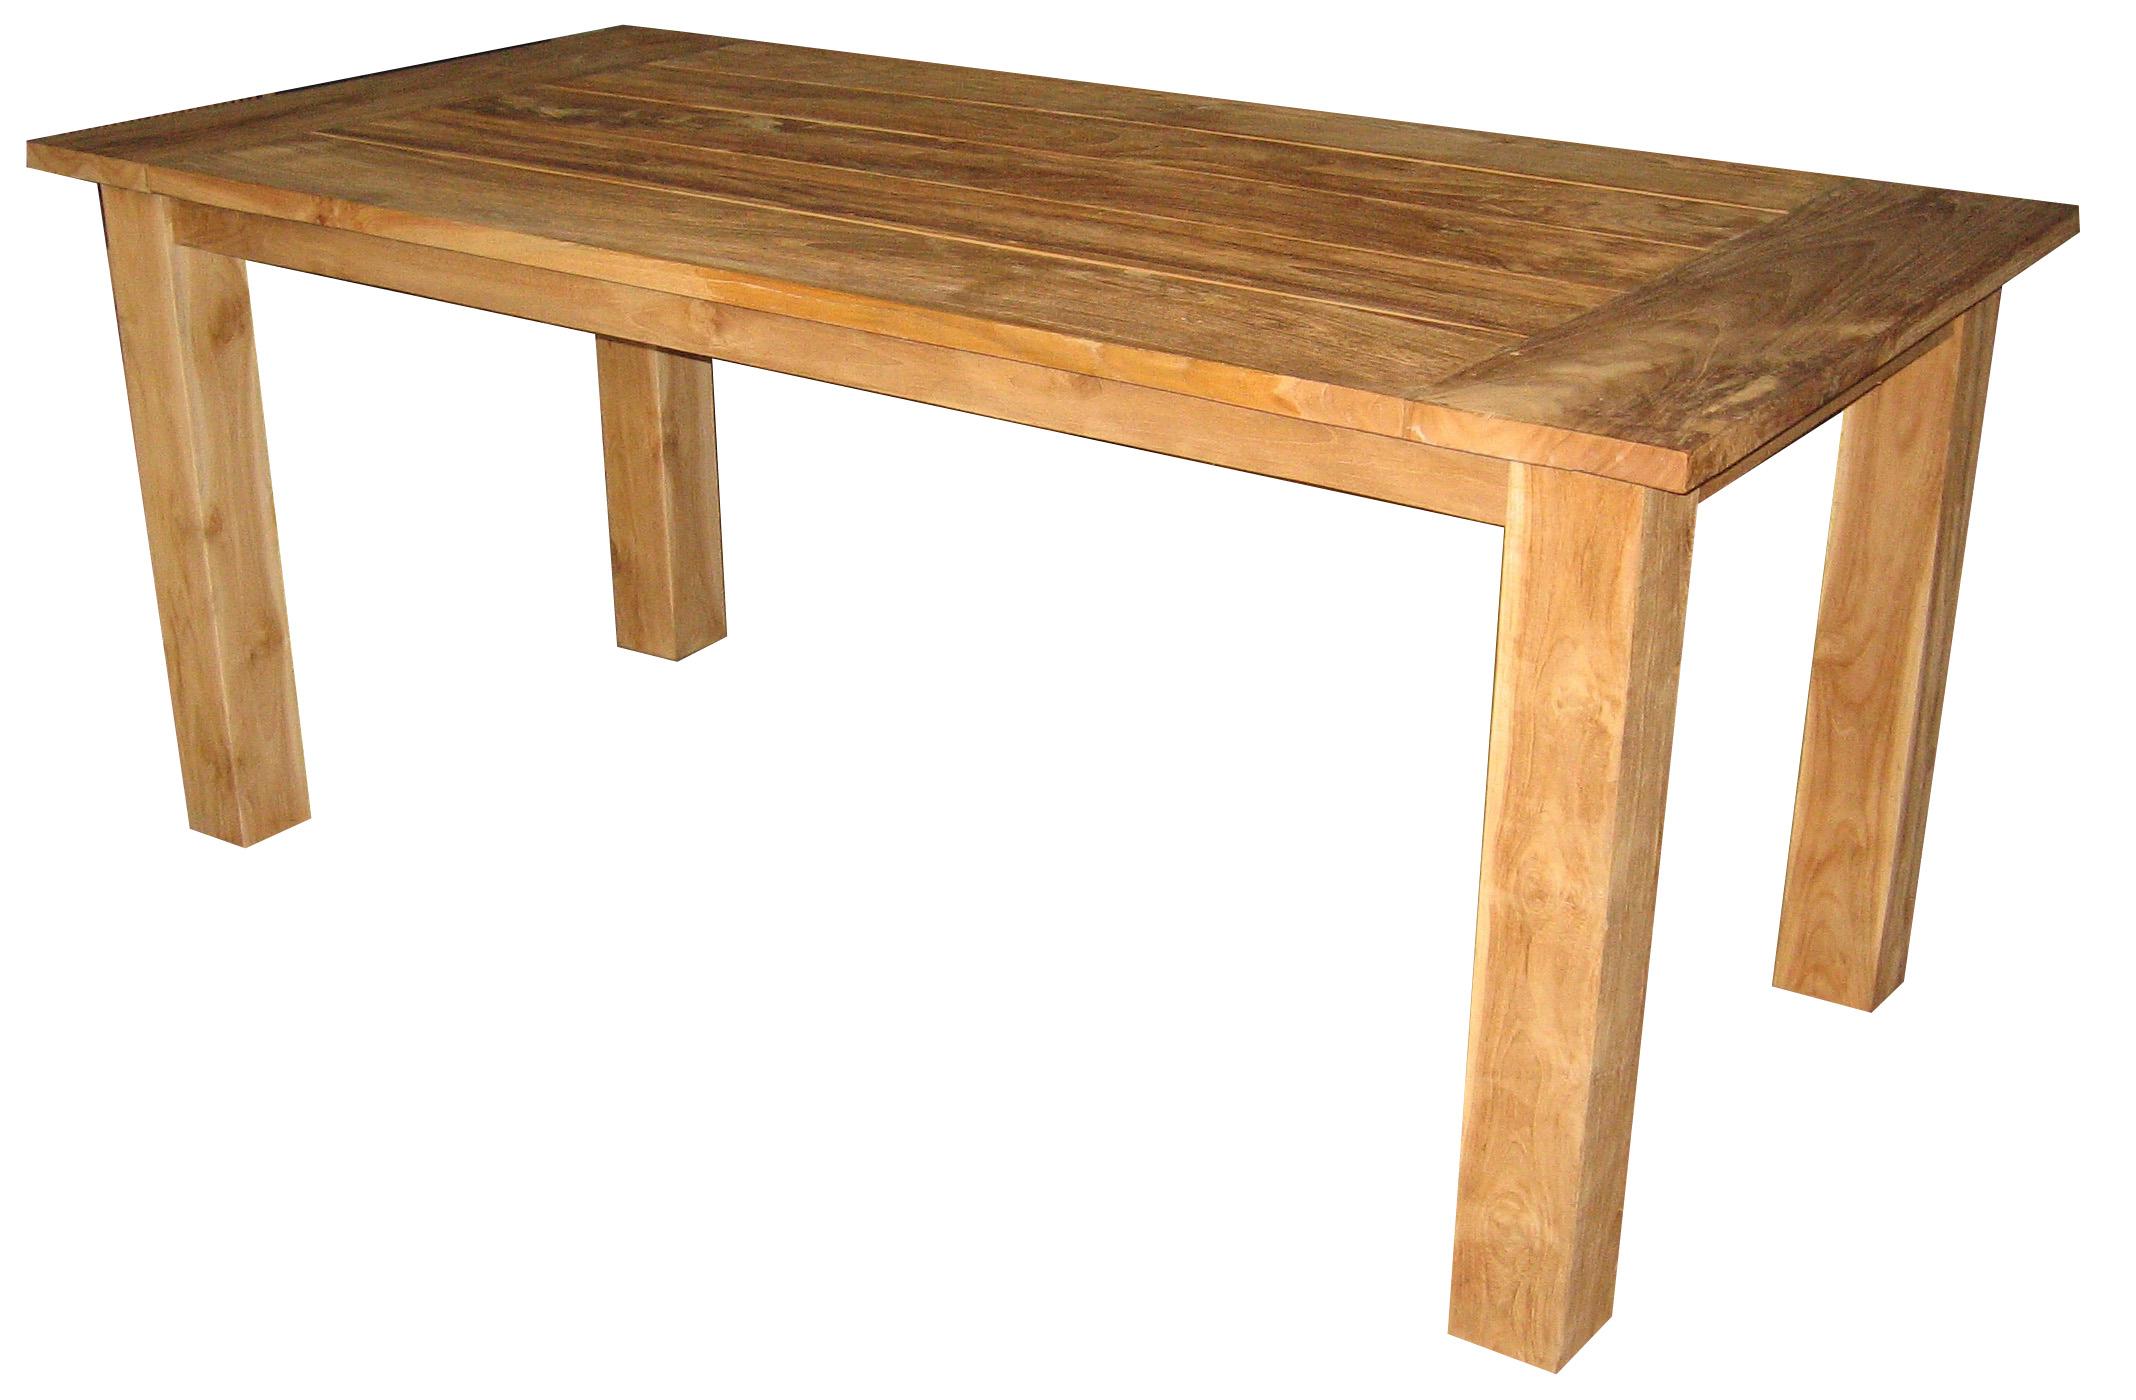 Tables de jardin design 1000 0 2000 0 pi ces par mois - Table de jardin design ...